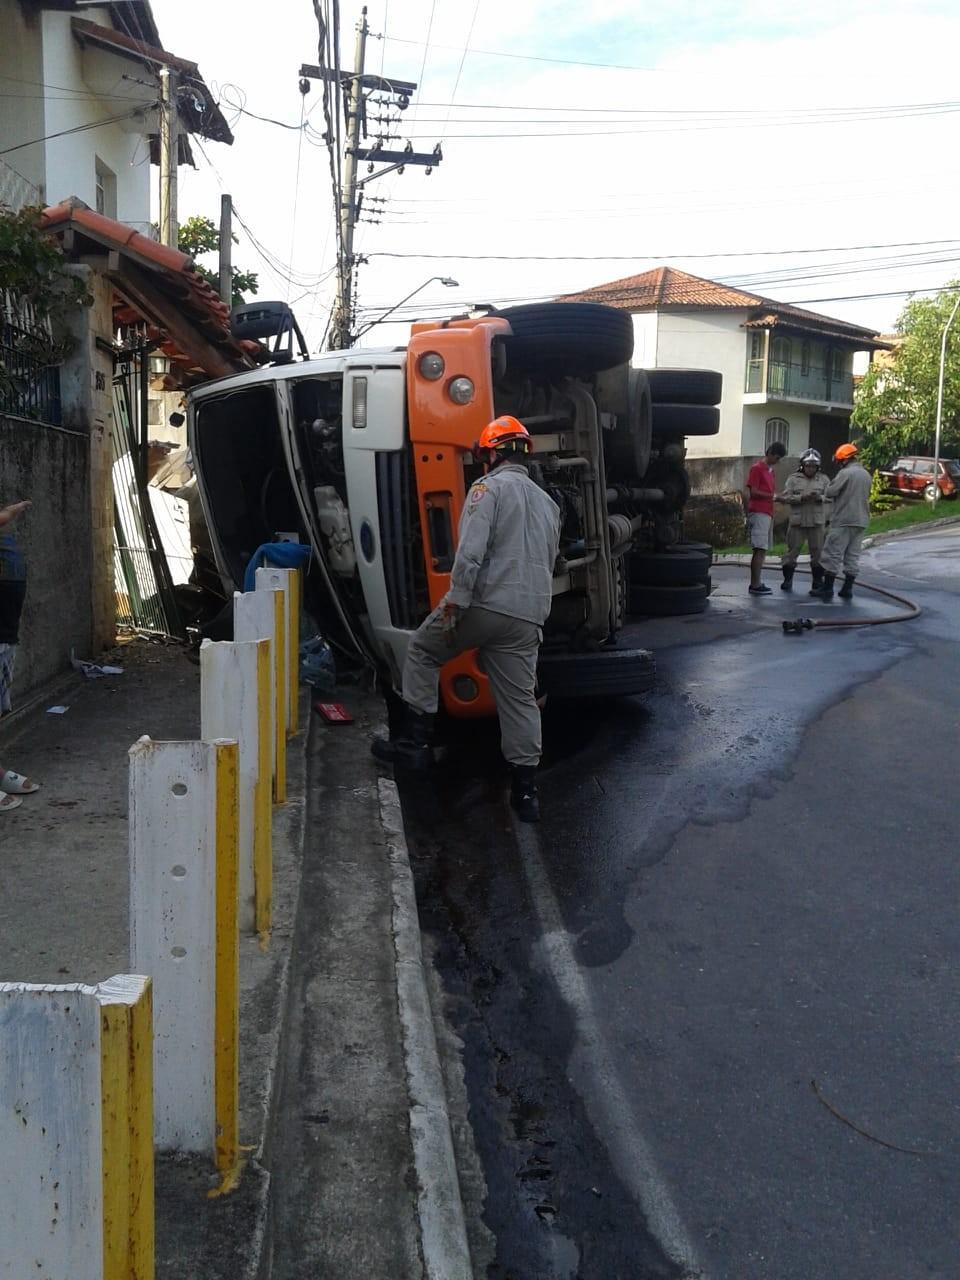 Caminhão tomba em frente a portão e bloqueia entrada de casa em Vassouras - Radio Evangelho Gospel